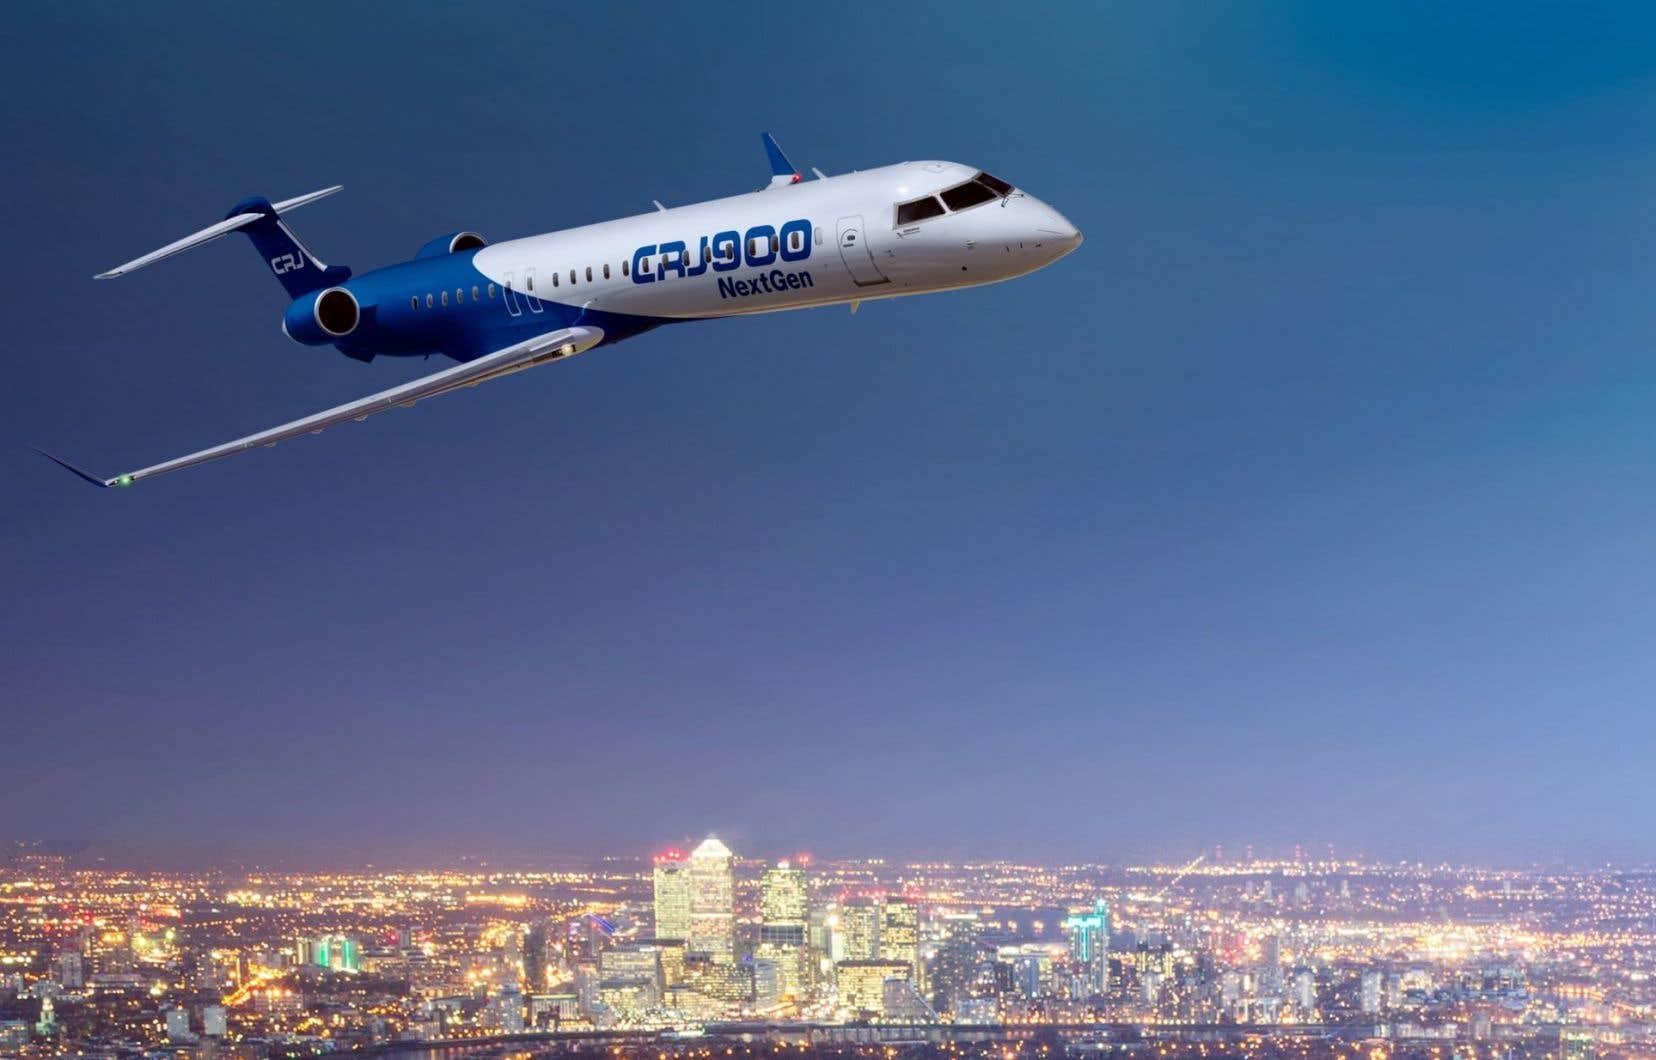 Le CRJ900 NextGen est l'une des versions les plus longues et les plus récentes des jets régionaux que Bombardier assemble dans la région de Montréal.